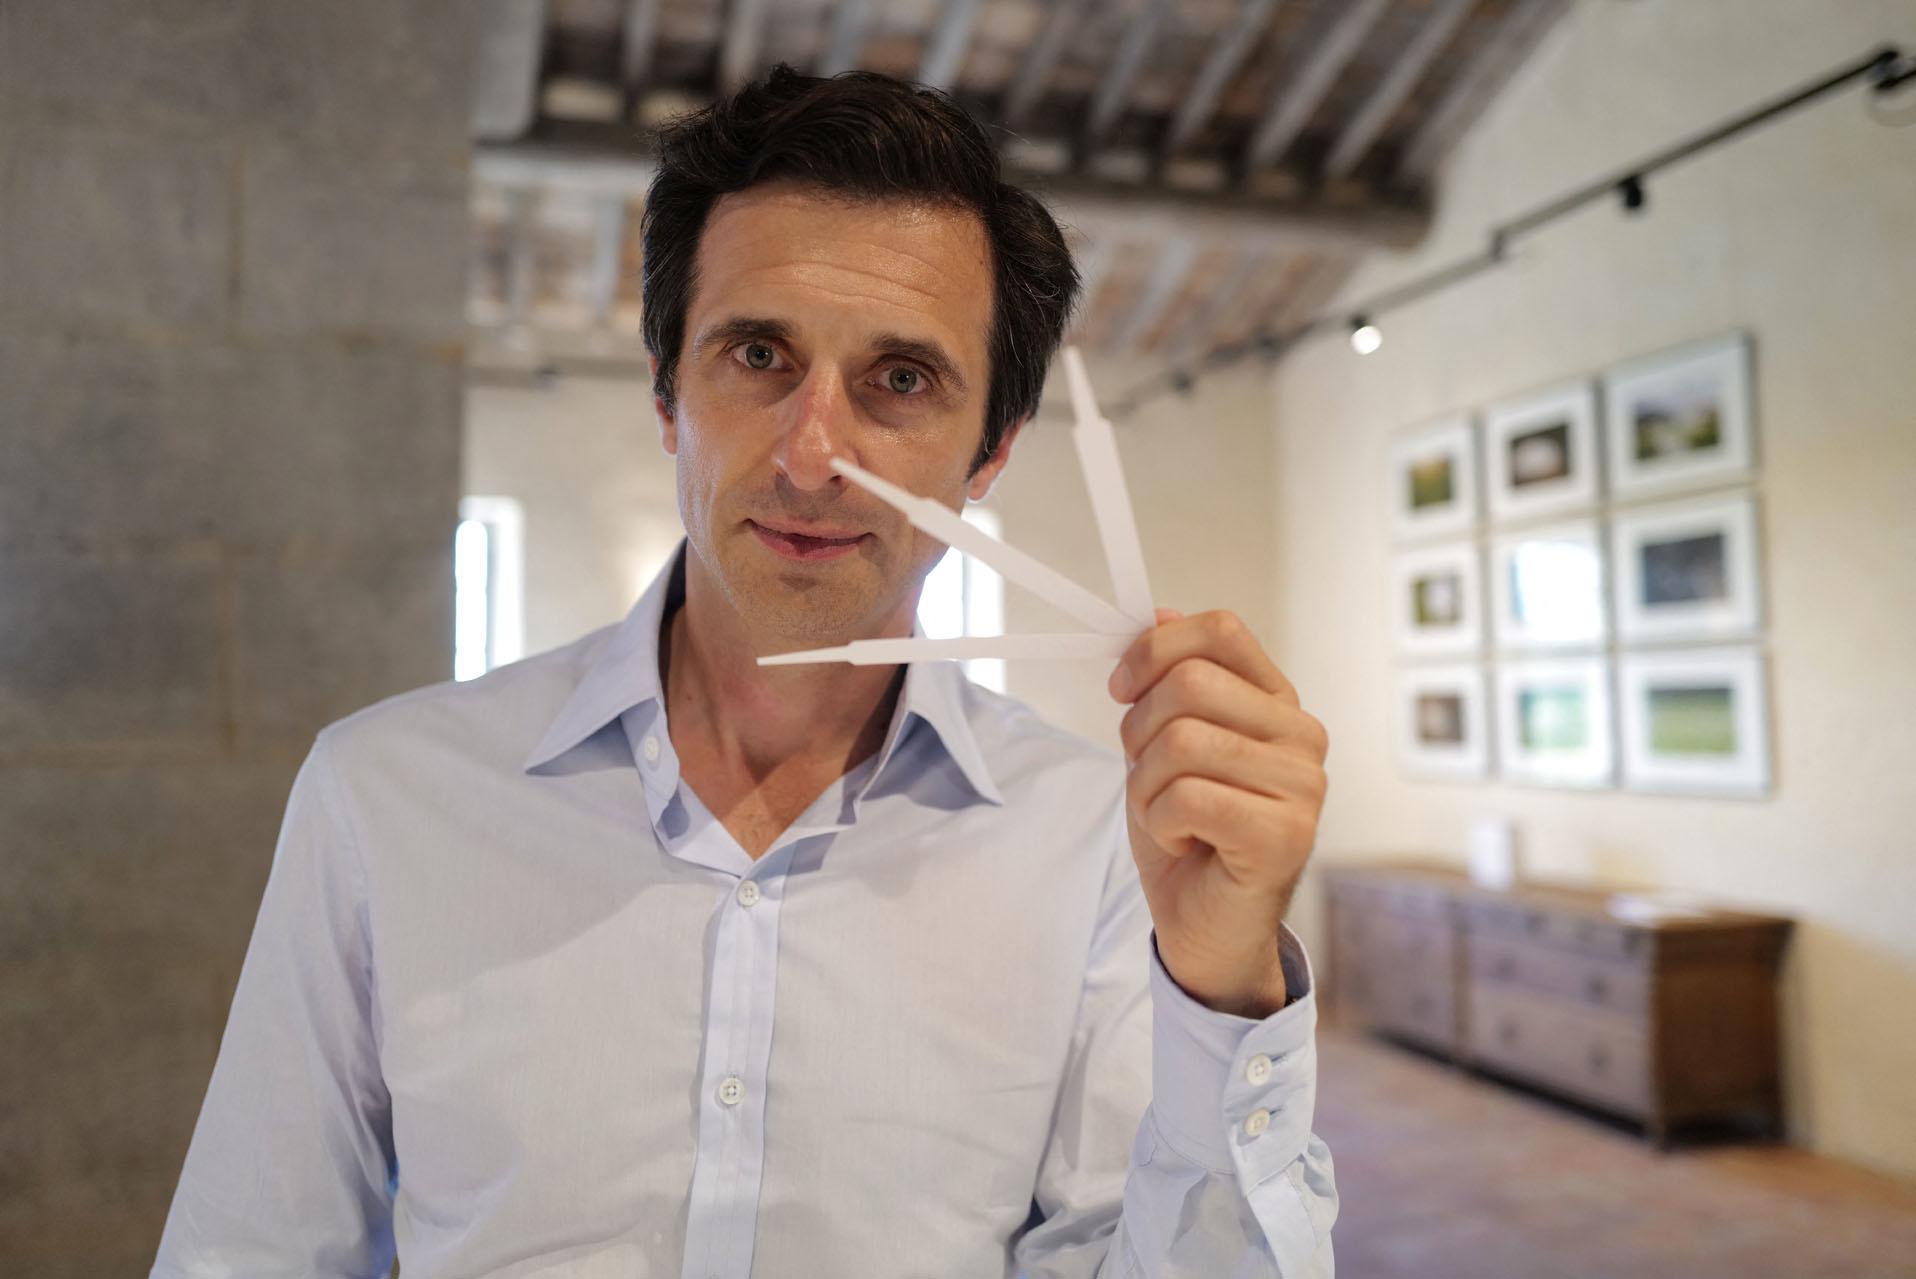 Olivier Polge, nez de Chanel, AFP